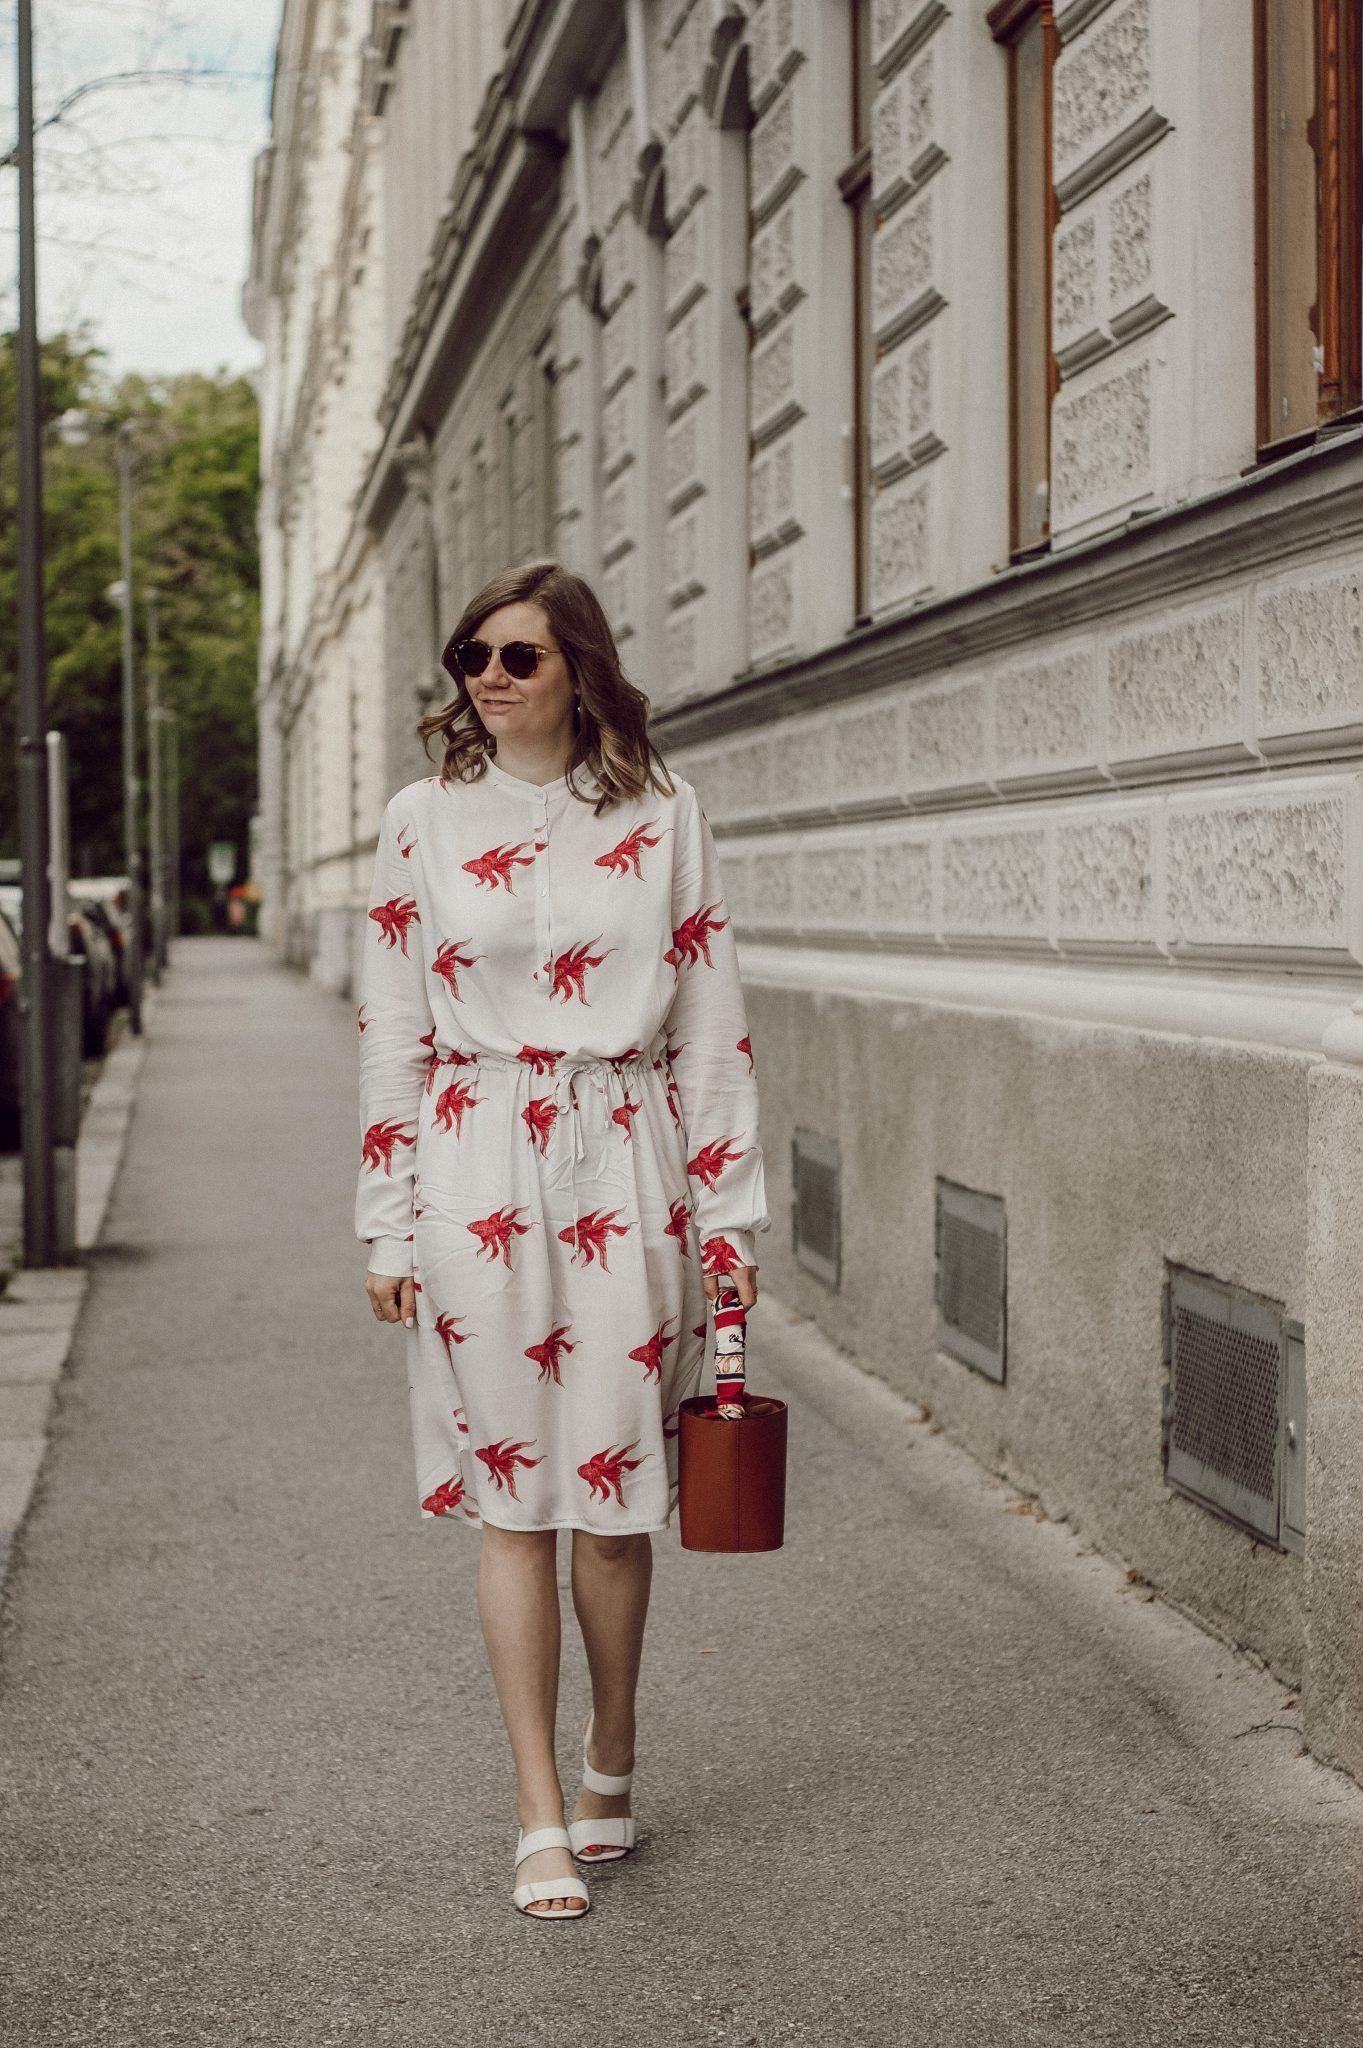 So lassen sich luftig leichte Sommerkleider mit Print